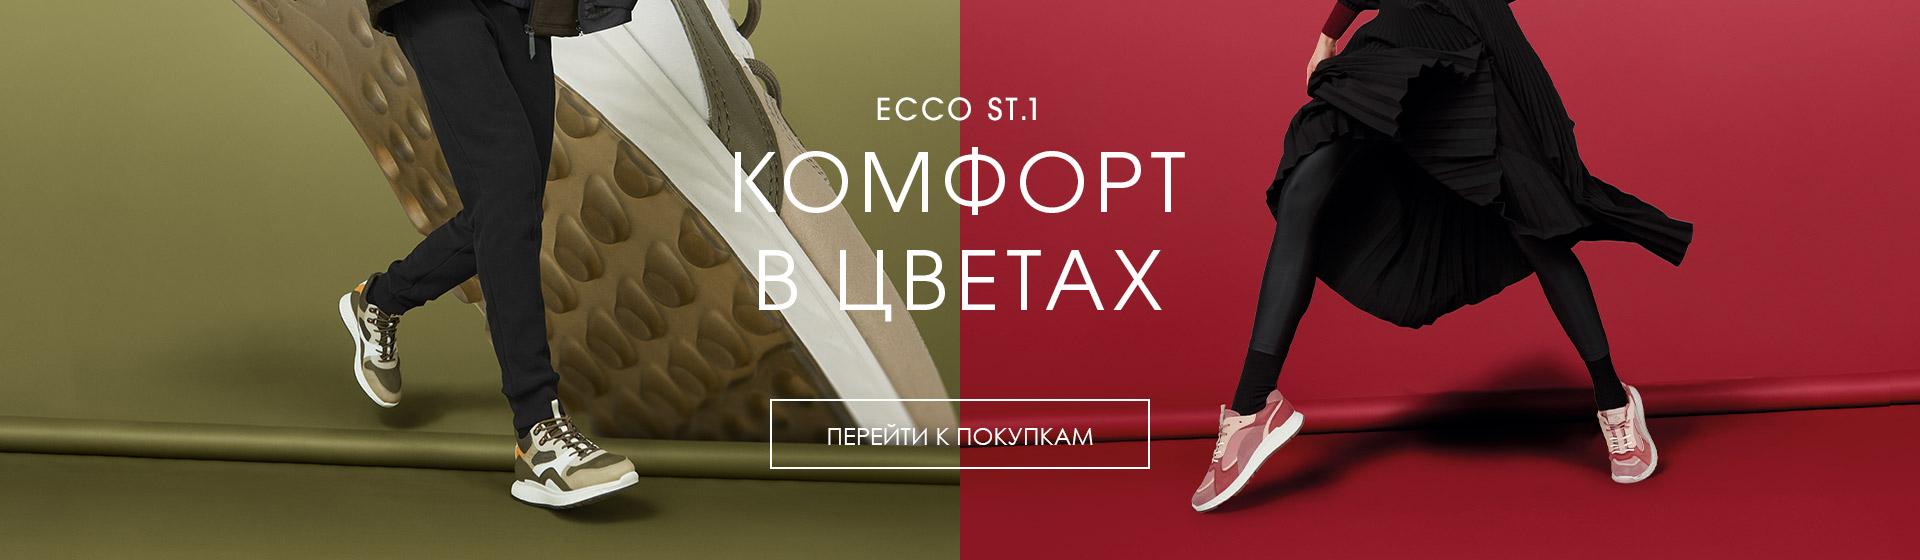 ECCO ST.1